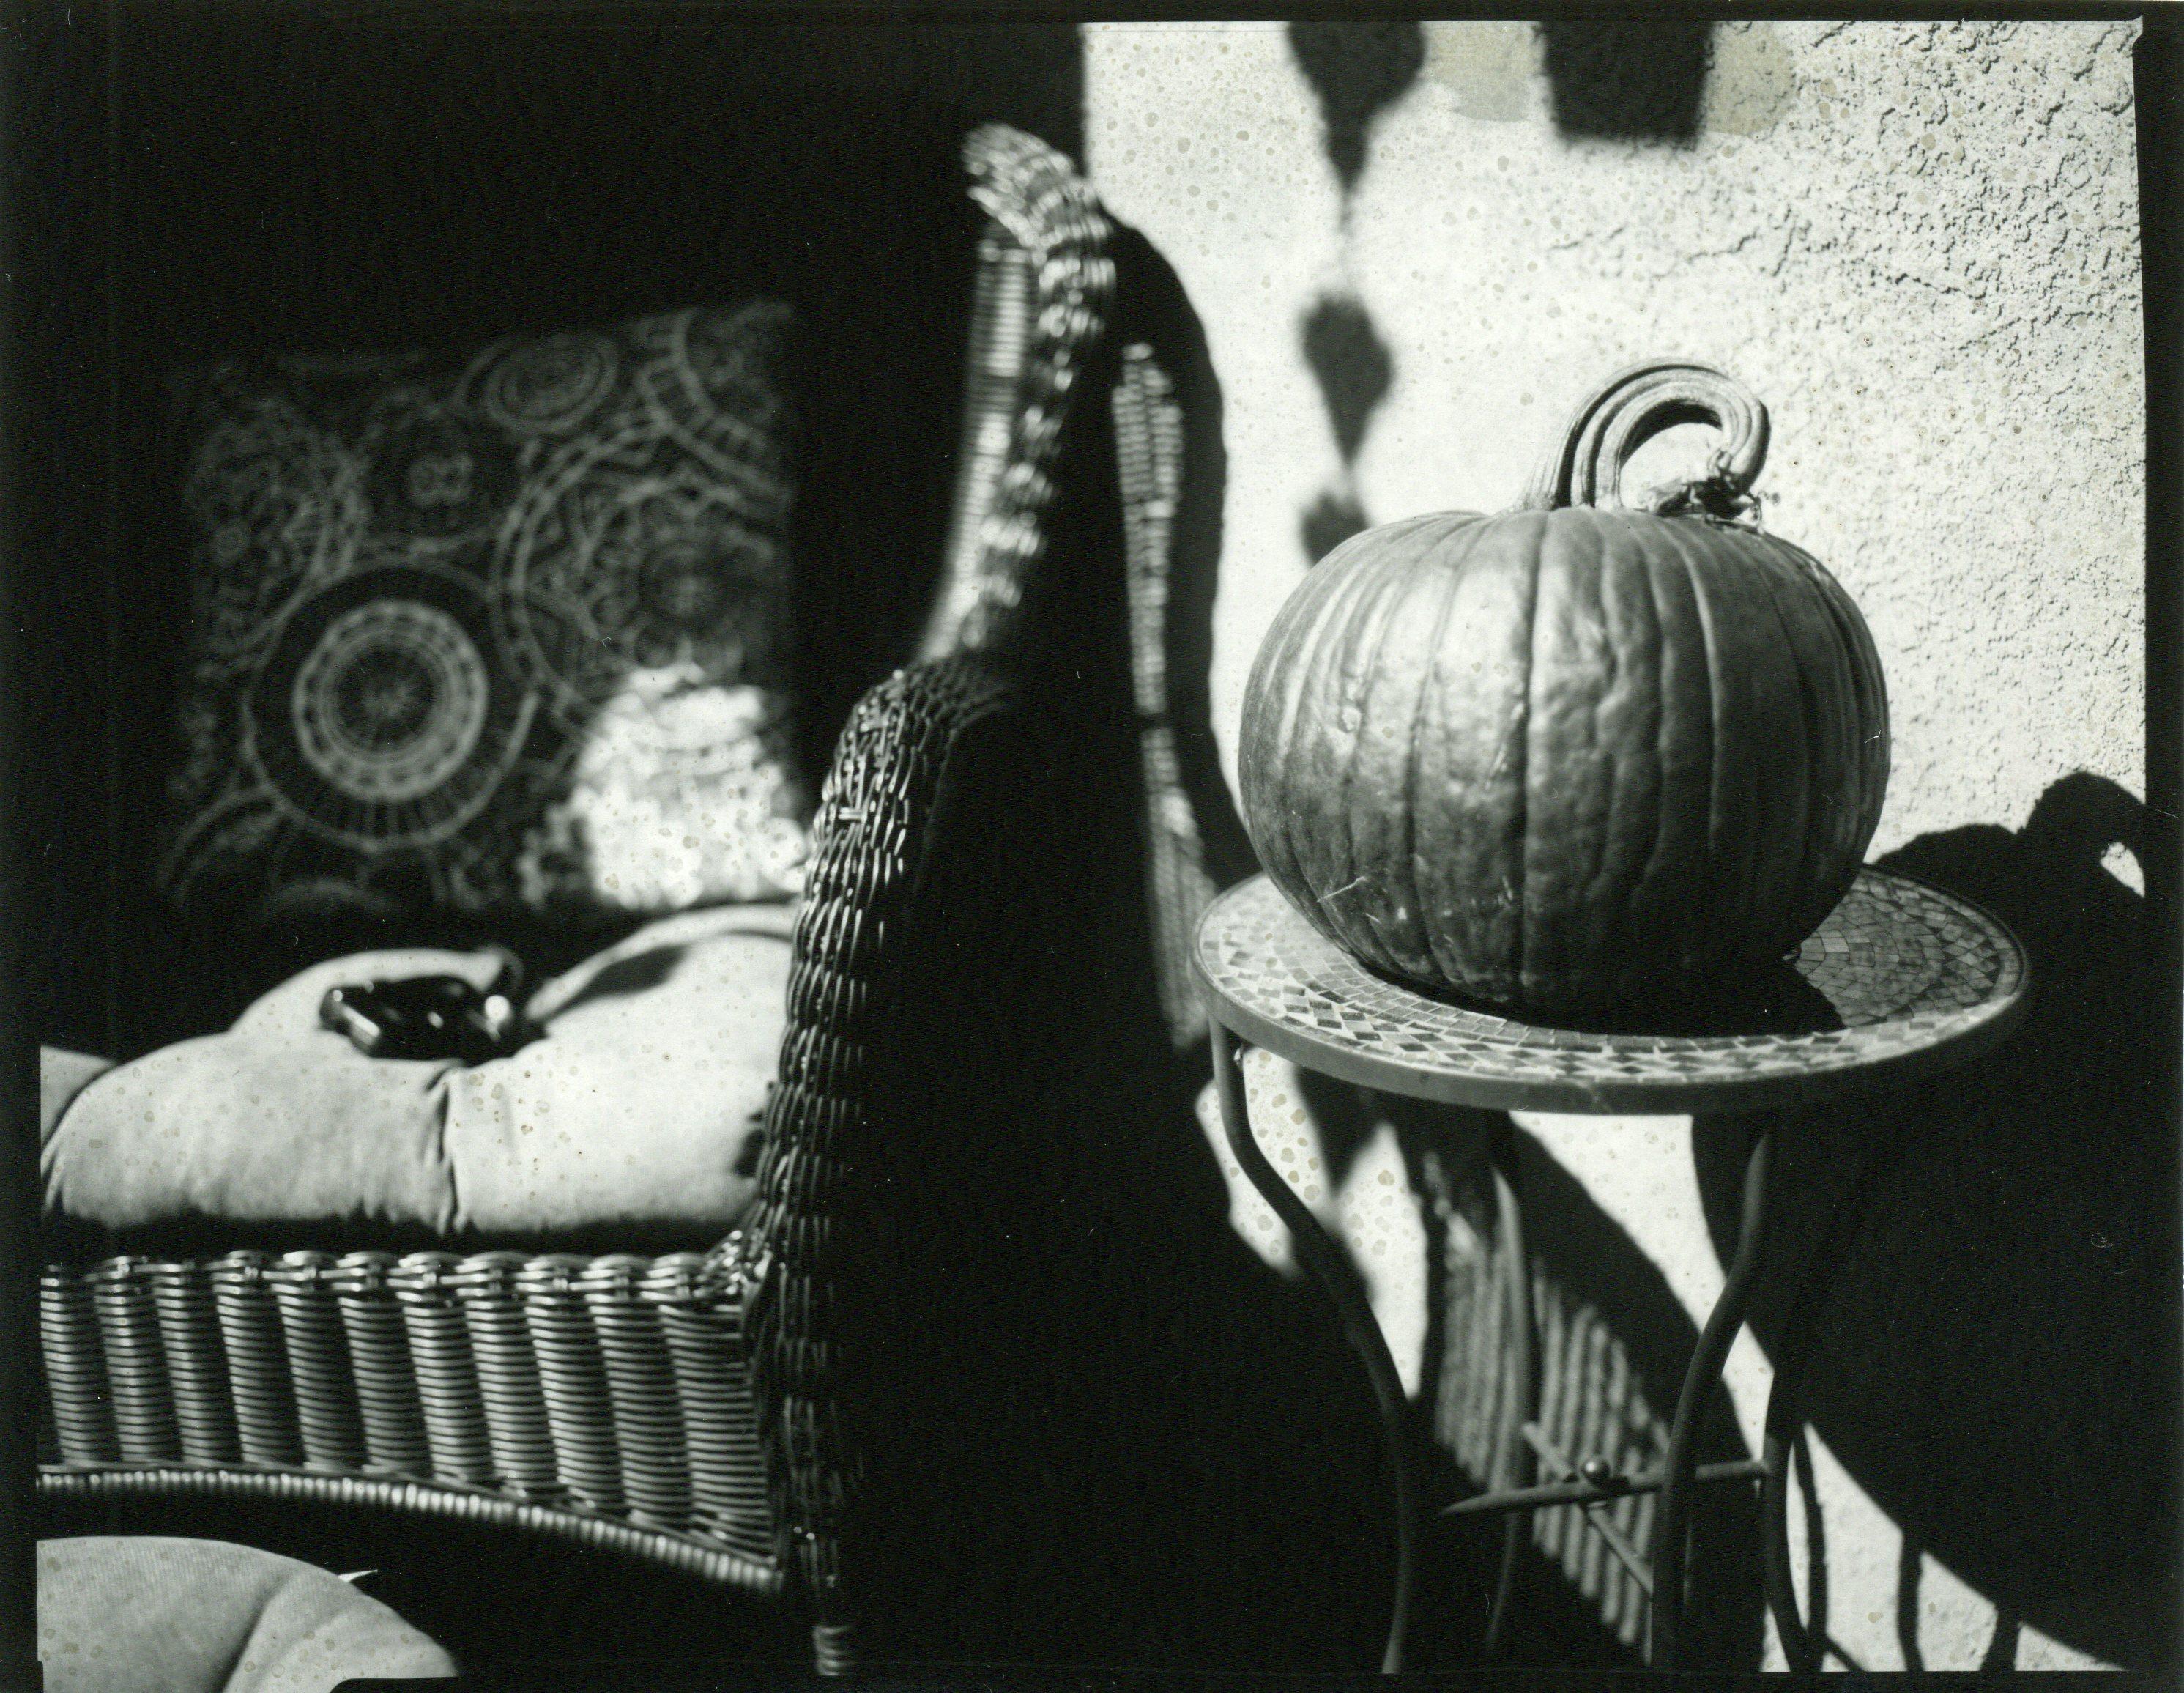 Pumpkin003